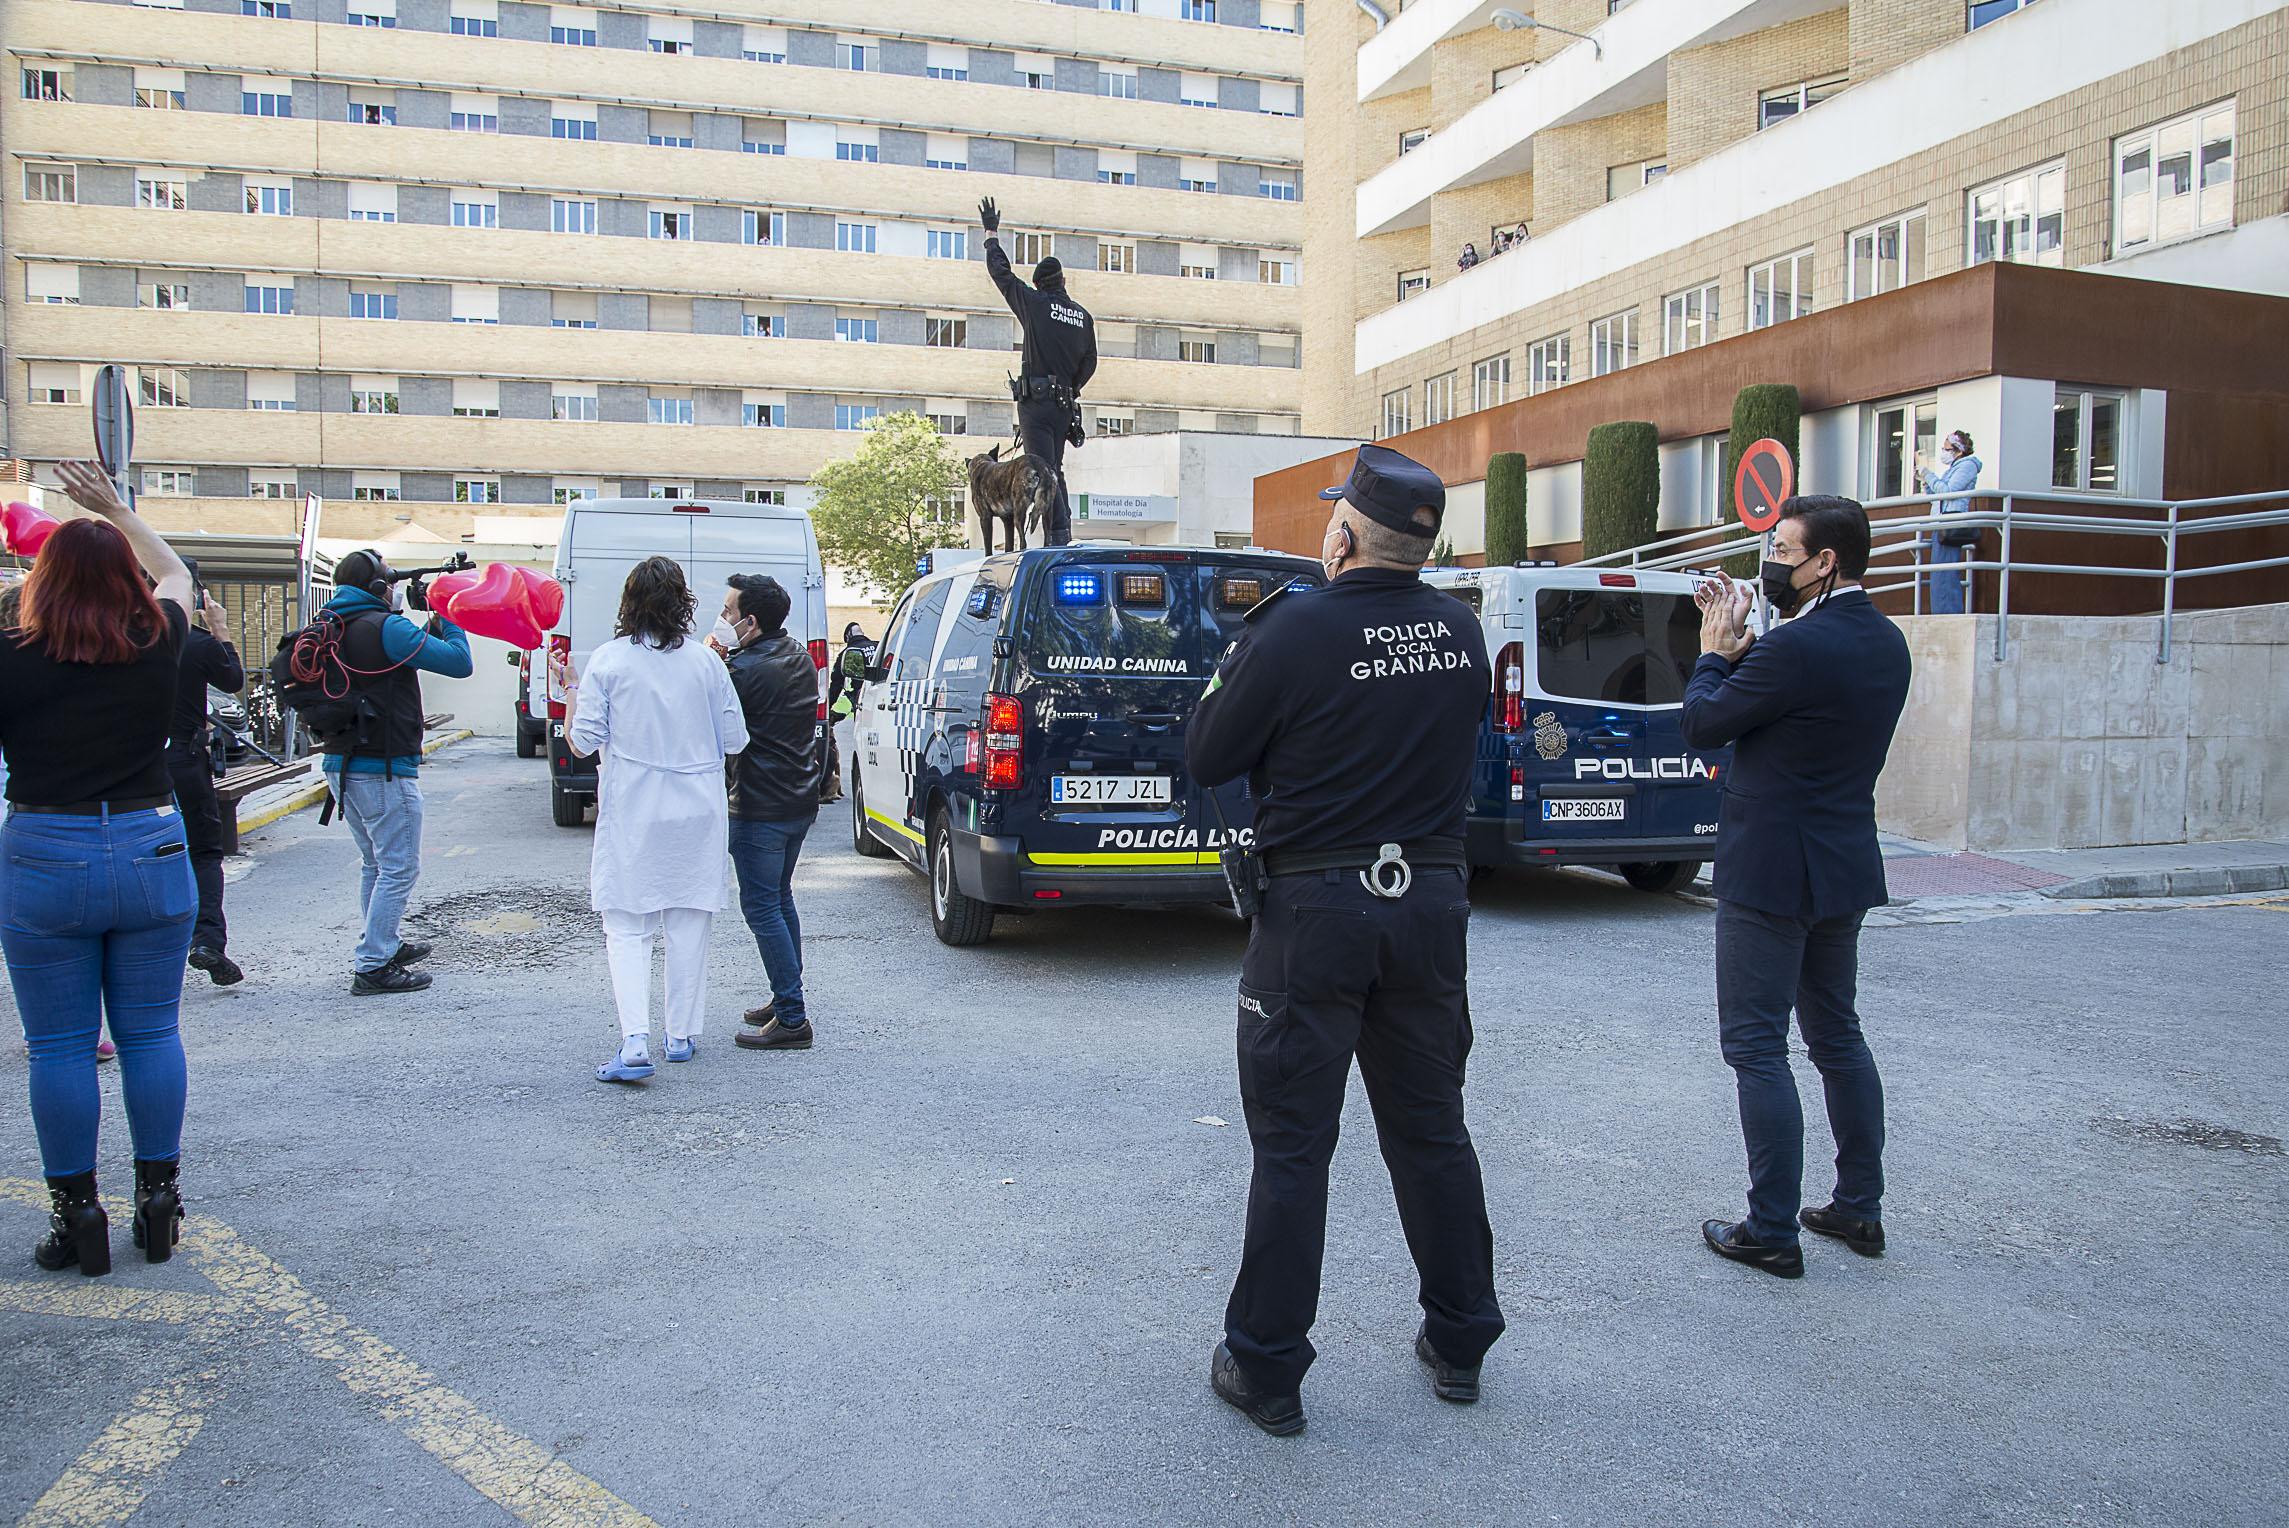 La Policía Local ha interpuesto 1.358 denuncias y detenido a 36 personas durante el estado de alarma